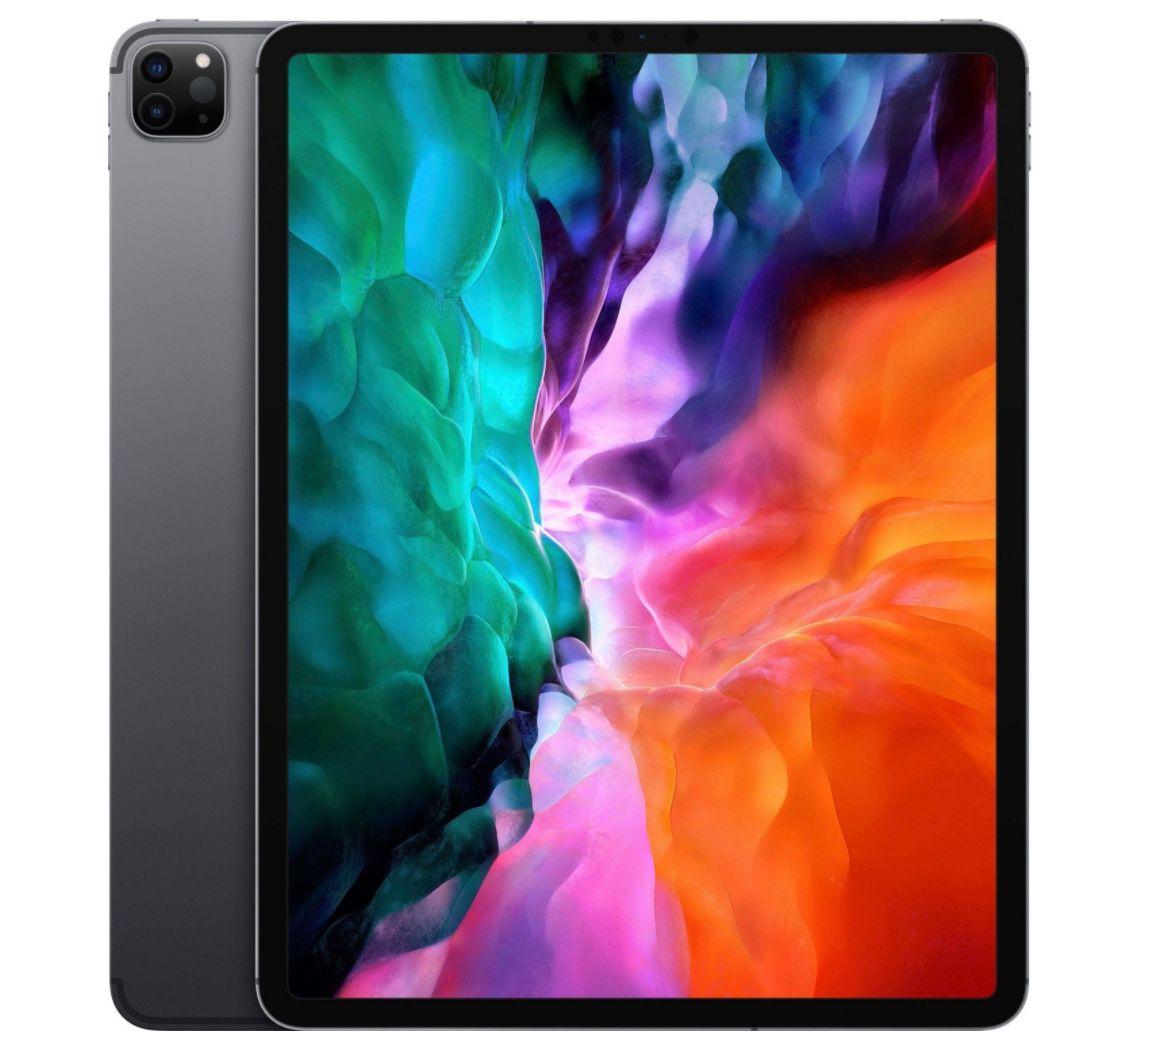 Apple iPad Pro 12.9 (2020) mit 128GB LTE in Space Grau für 879€(statt neu 1.099€) – Zustand A+